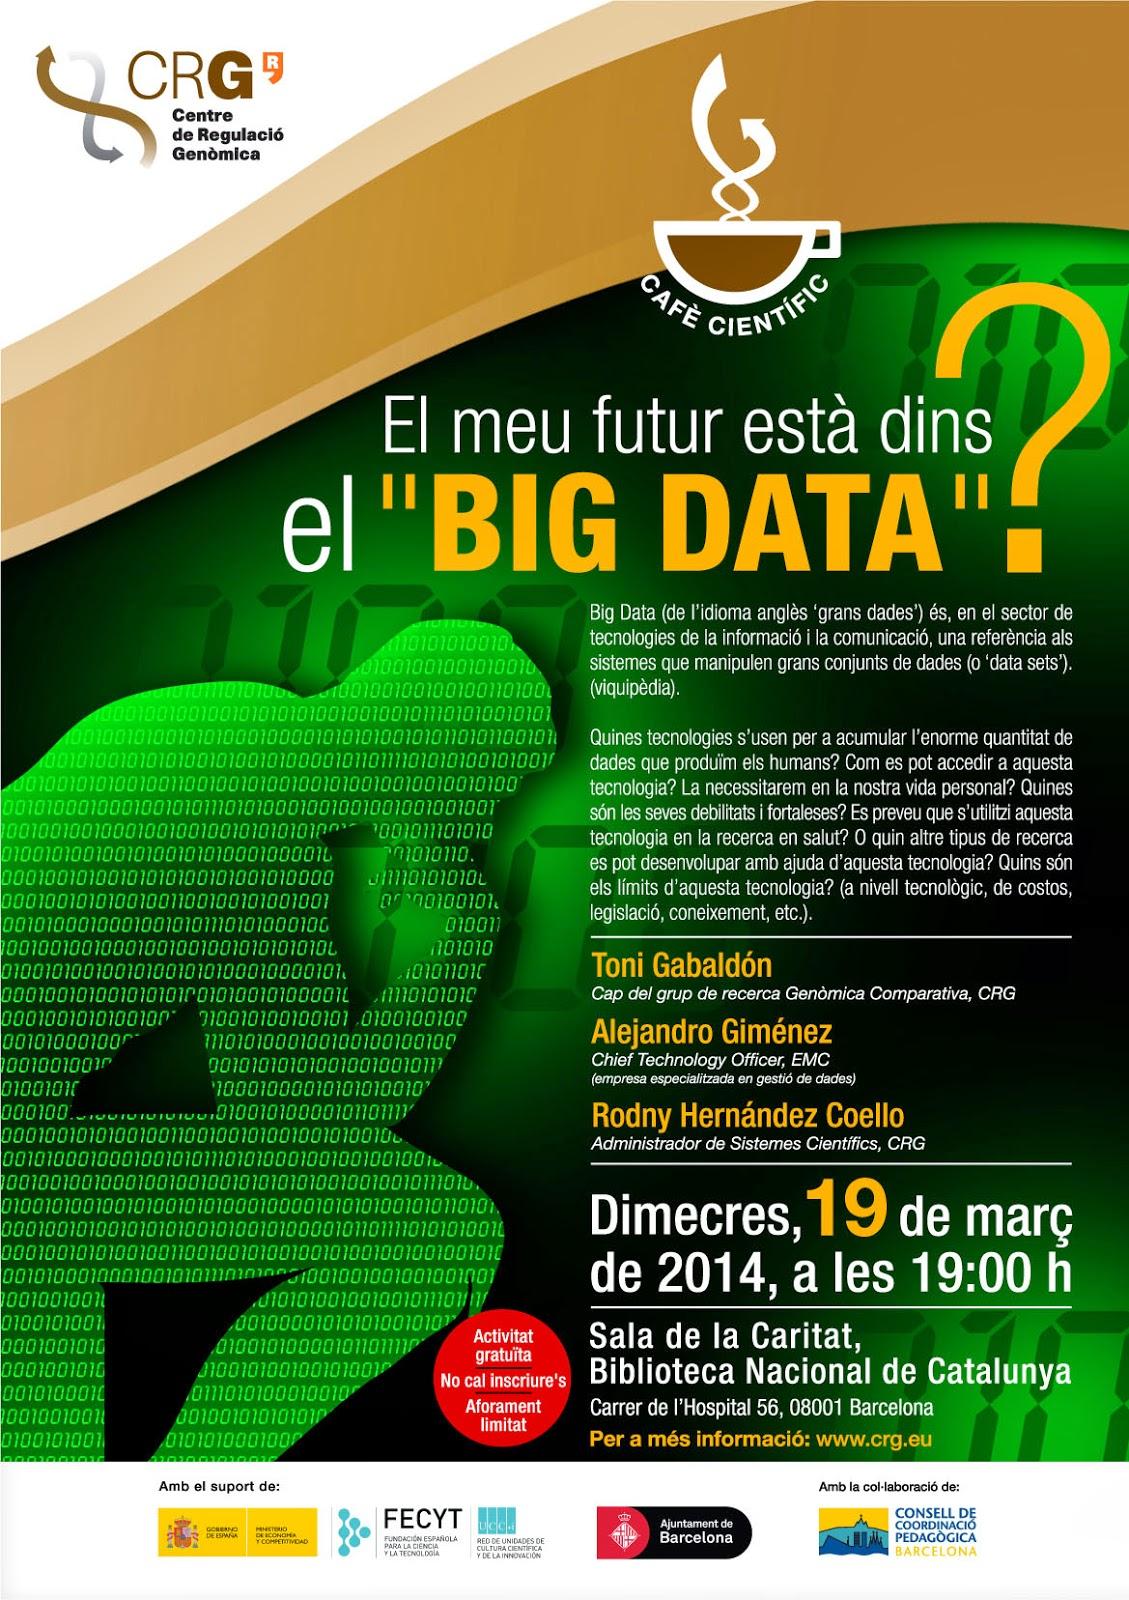 http://www.bnc.cat/esl/Visitanos/Actividades/Cafe-cientific-El-meu-futur-esta-dins-el-BIG-DATA